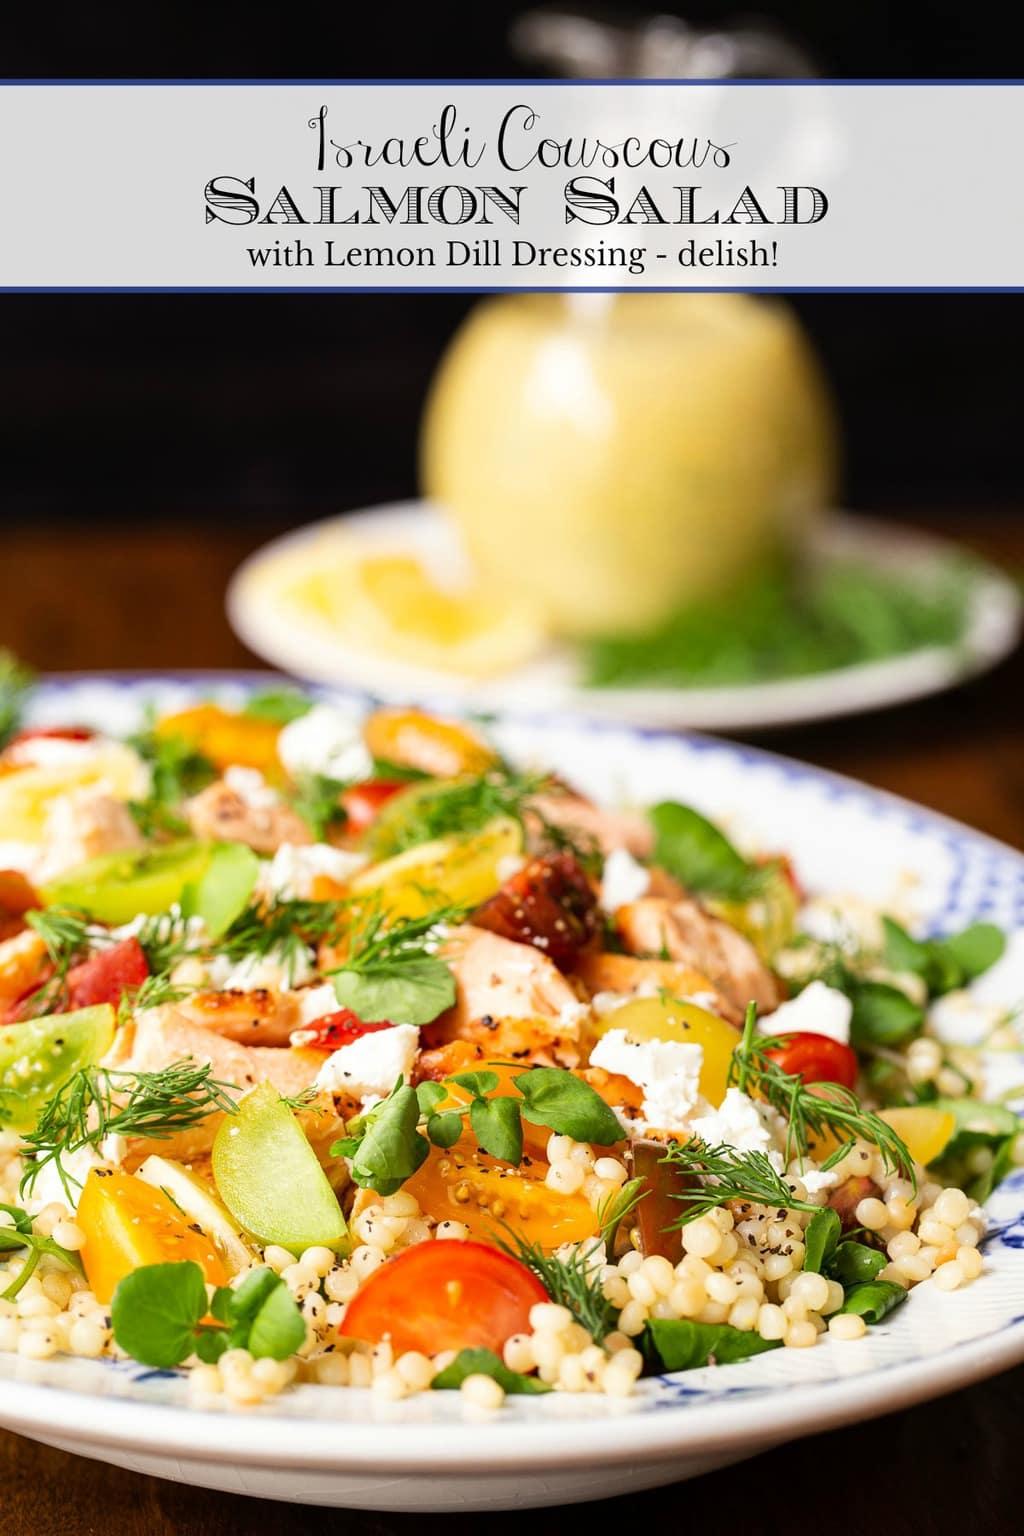 Israeli Couscous Salmon Salad